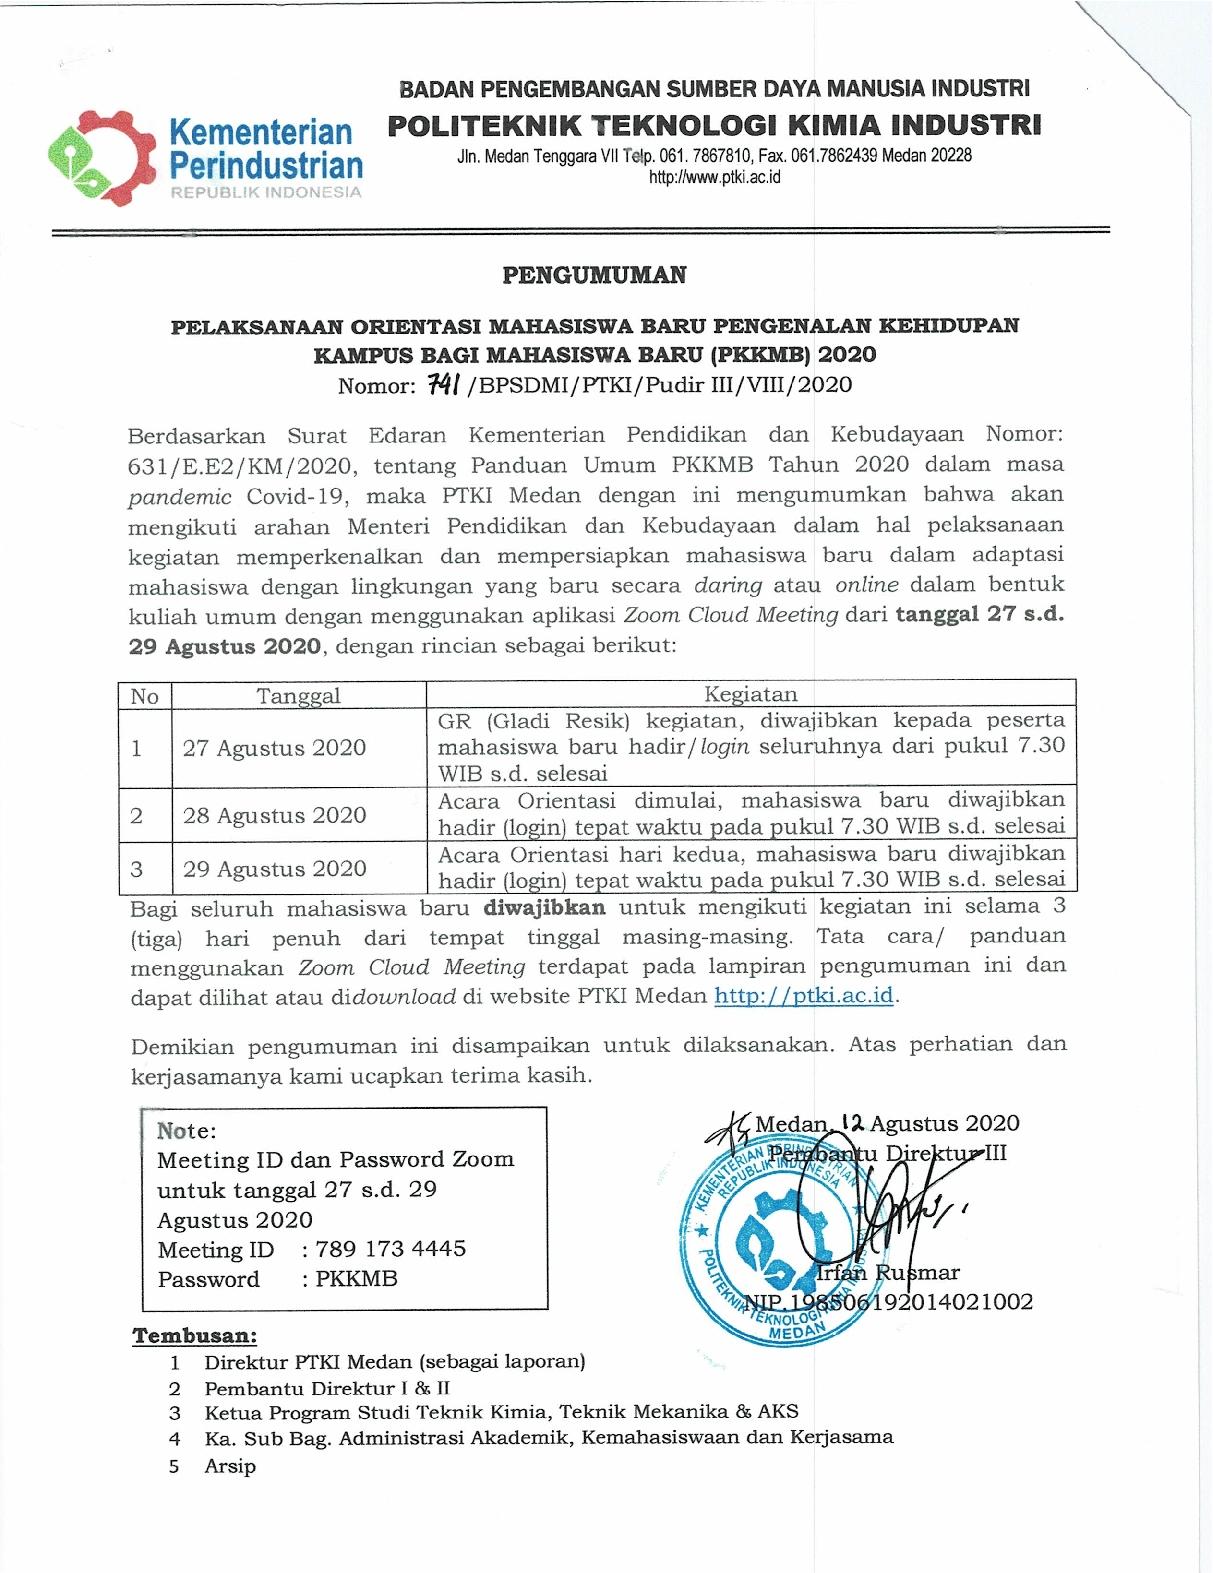 Pengumuman Panduan Orientasi Online (PKKMB) PTKI Medan dan Manual Book Zoom1